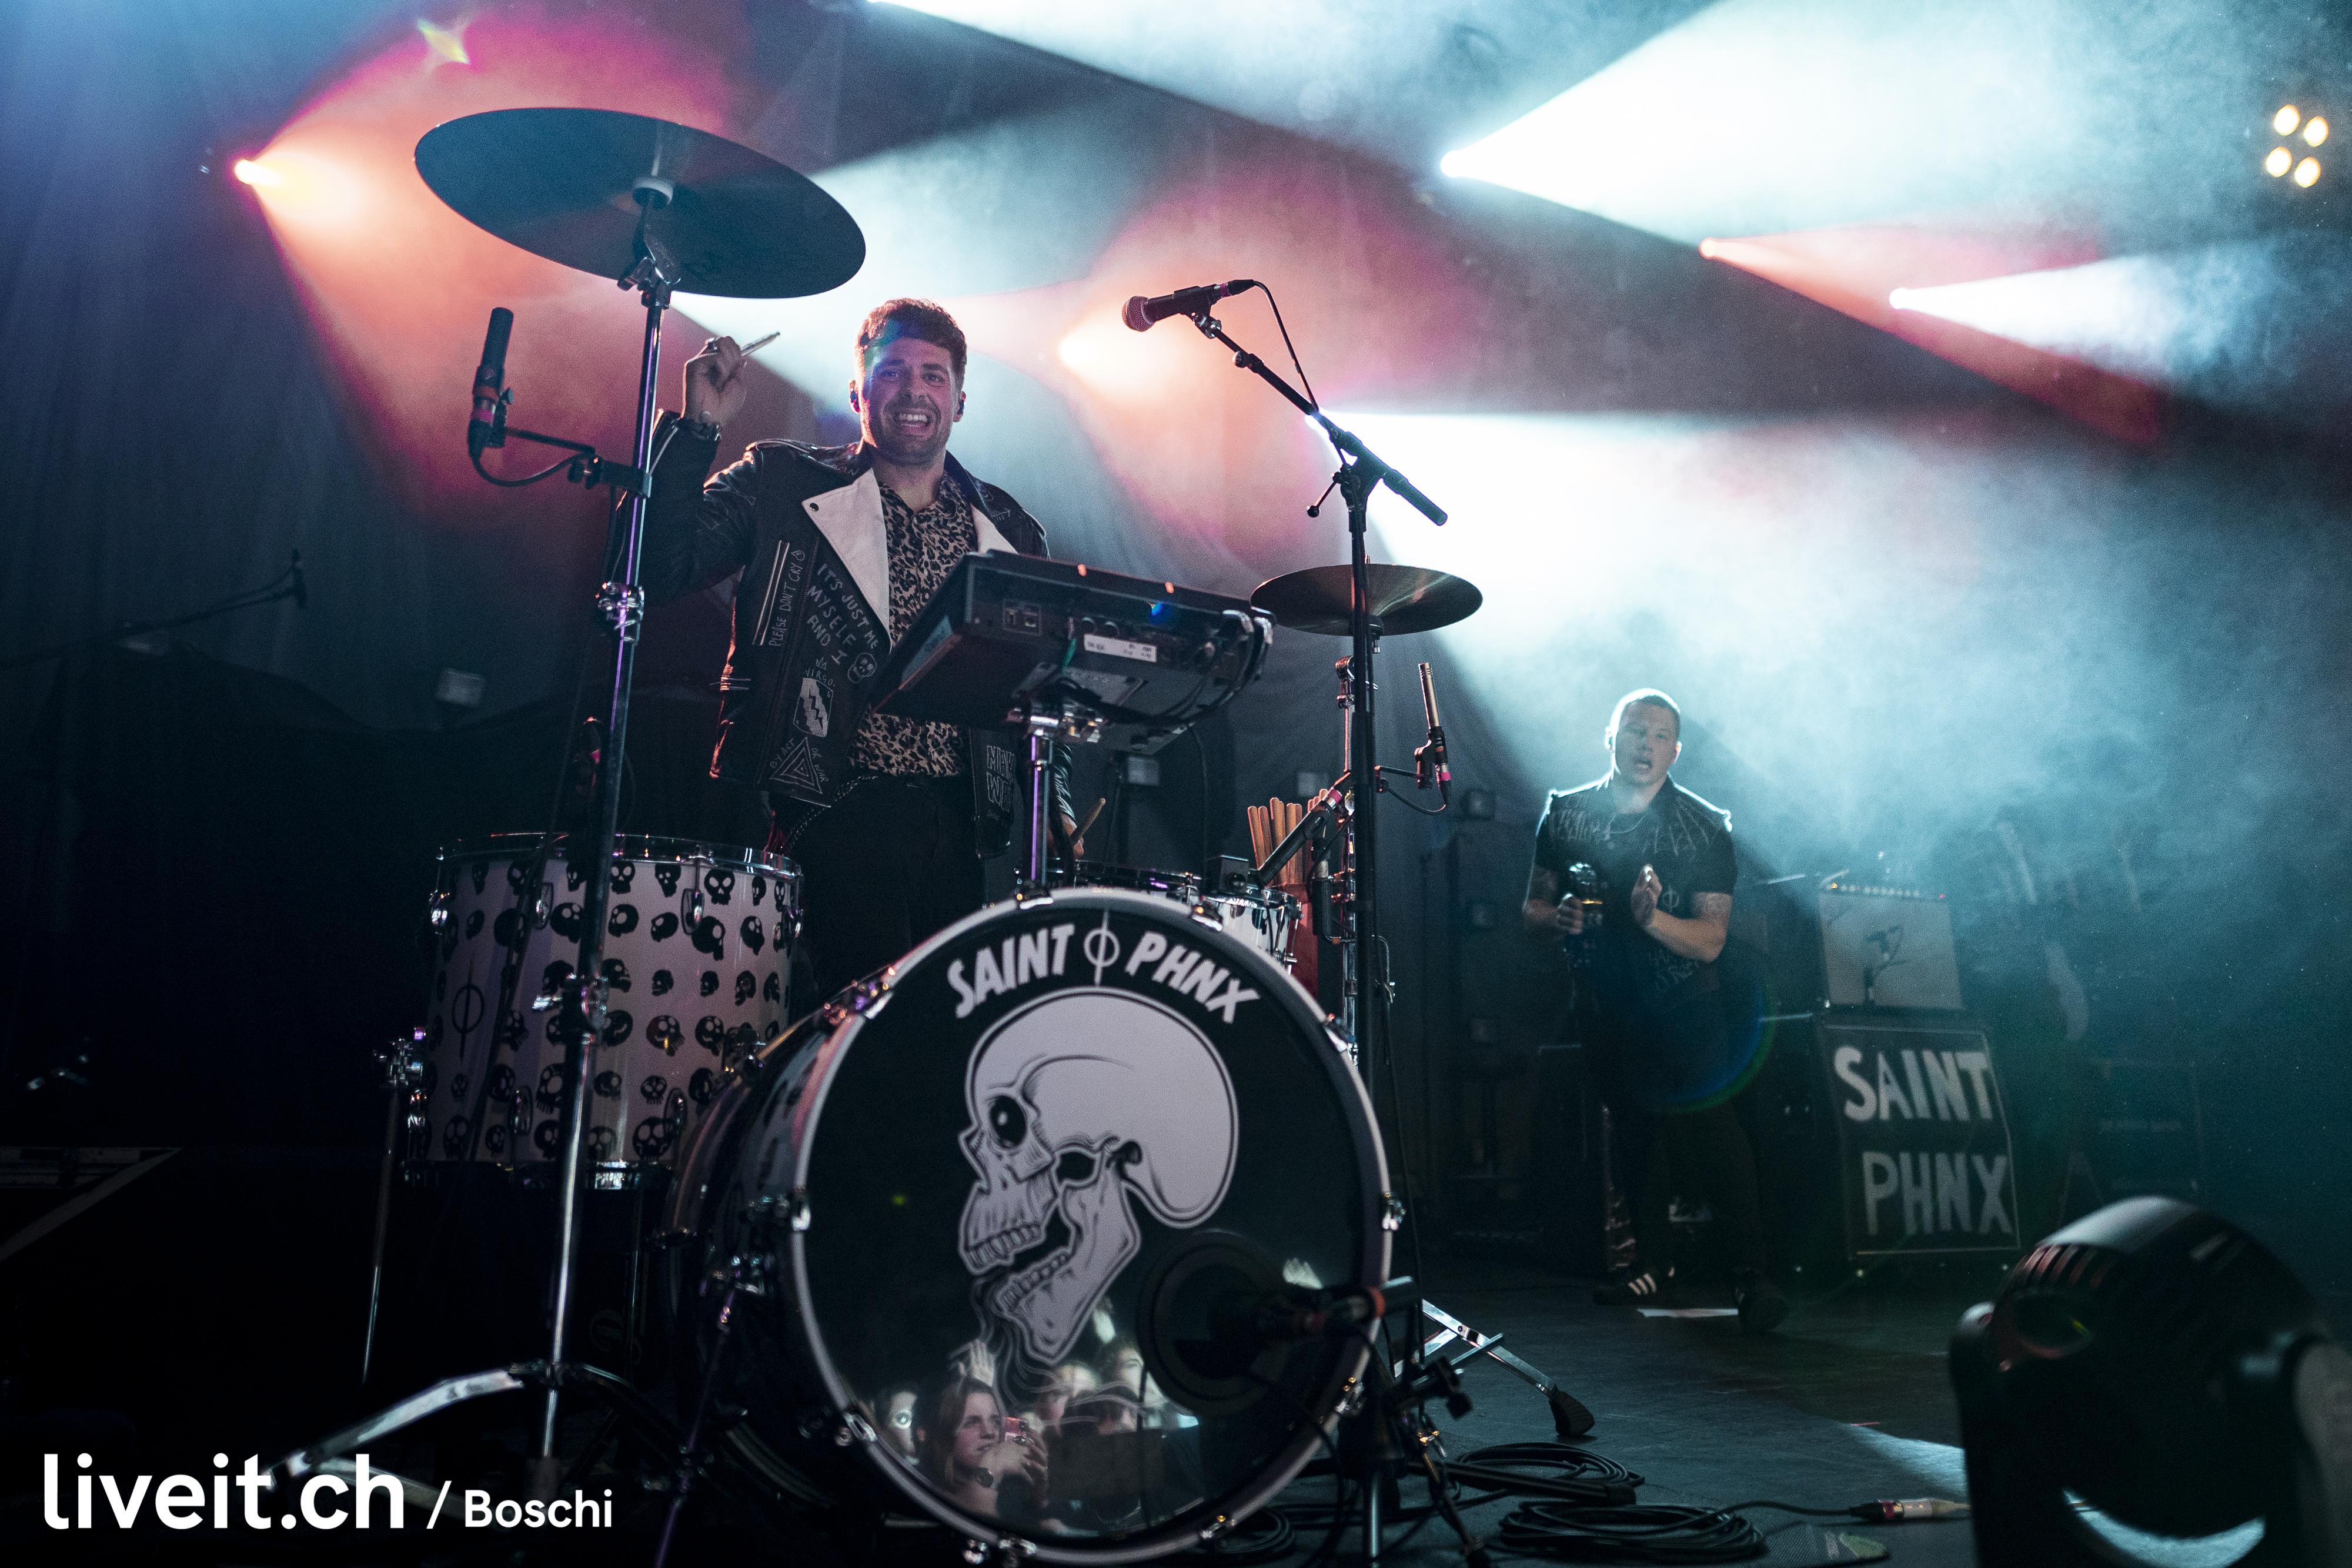 SaintPHNX als Vorband für Yungblud im ausverkauften X-TRA Zürich..(liveit.ch/boschi)